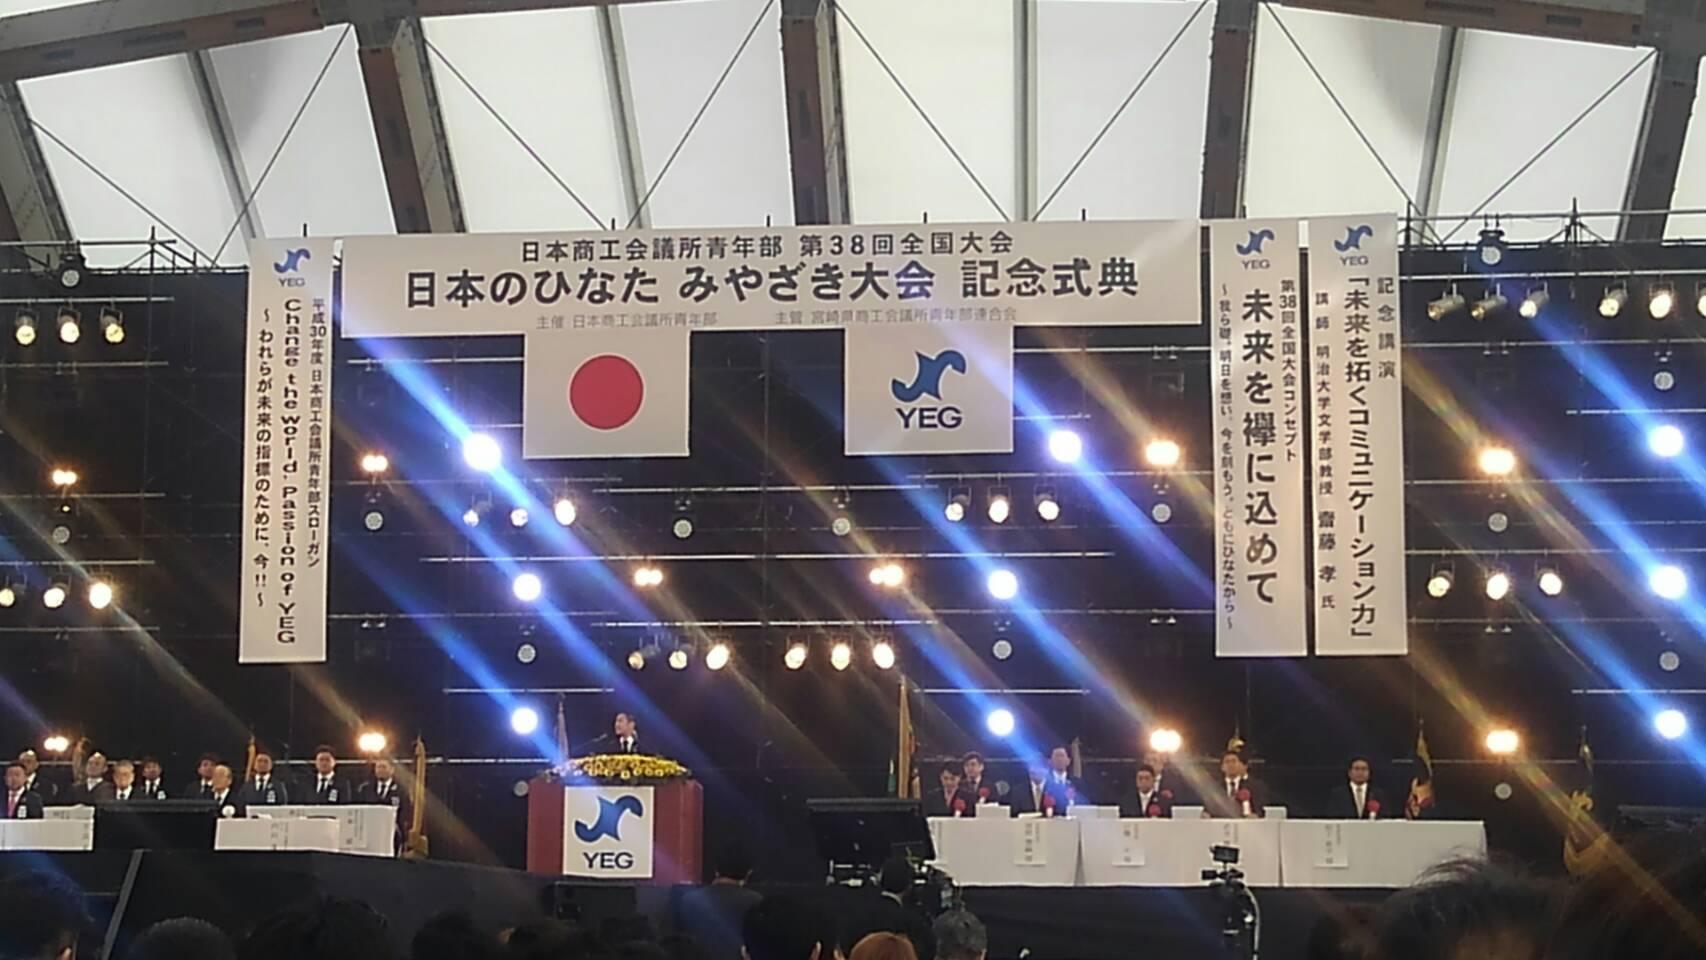 第38回全国大会 in 宮崎に参加しました